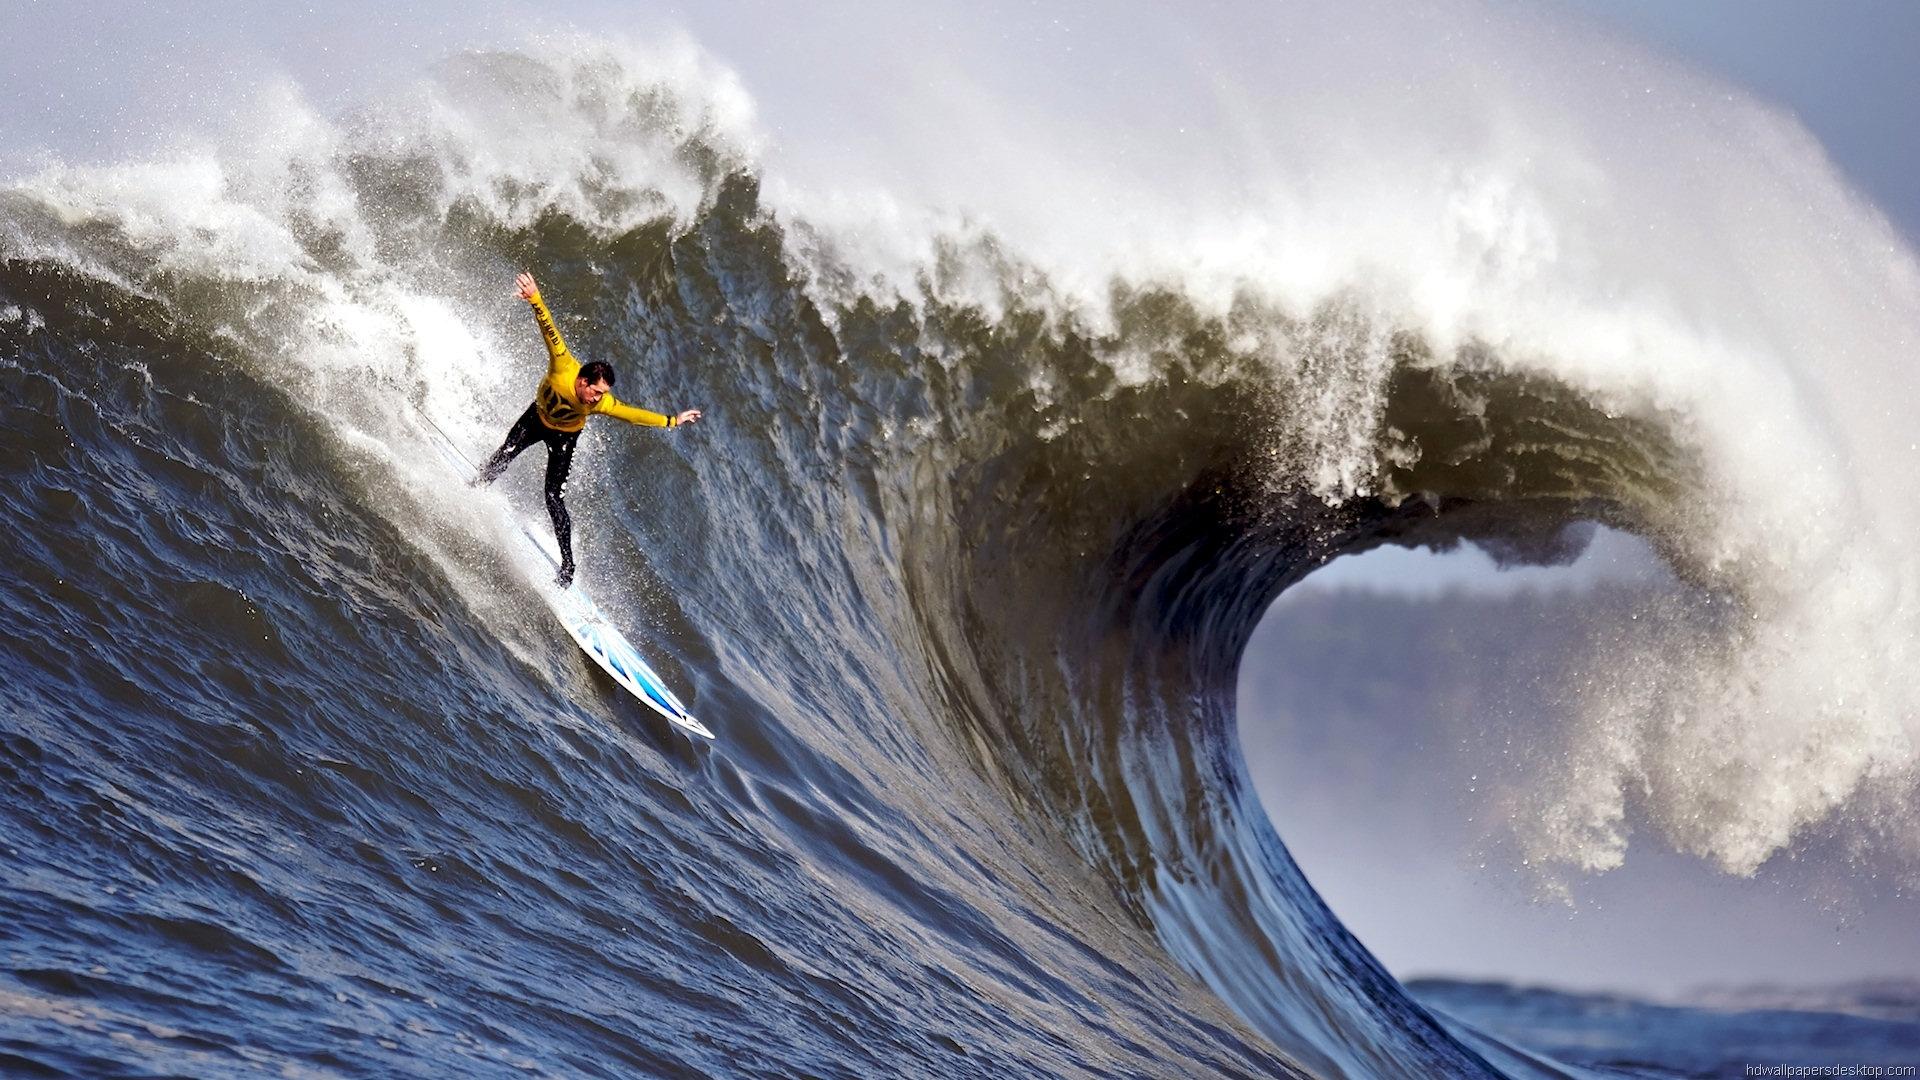 Surfing Wallpaper HD Widescreen Desktop Wallpaper 1920x1080 1920x1080